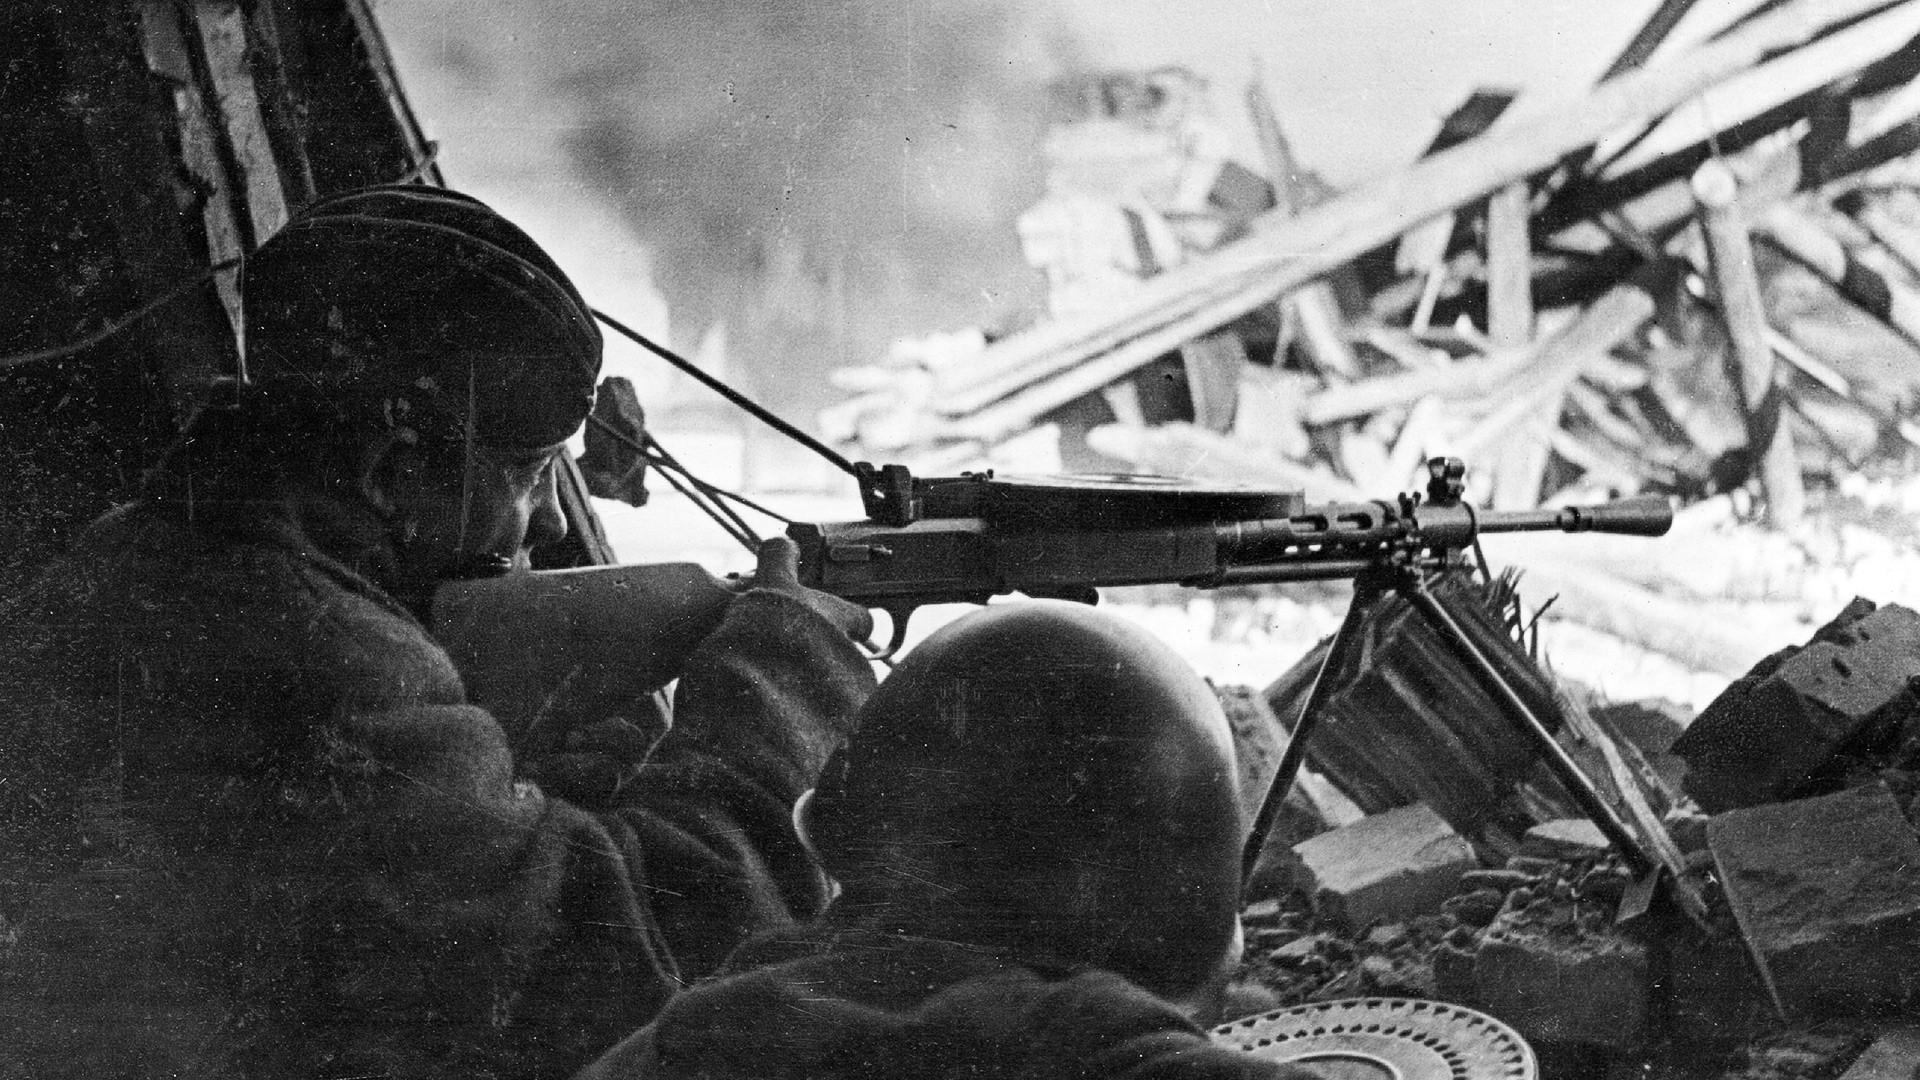 スターリングラードの郊外、ソ連軍の機関銃手